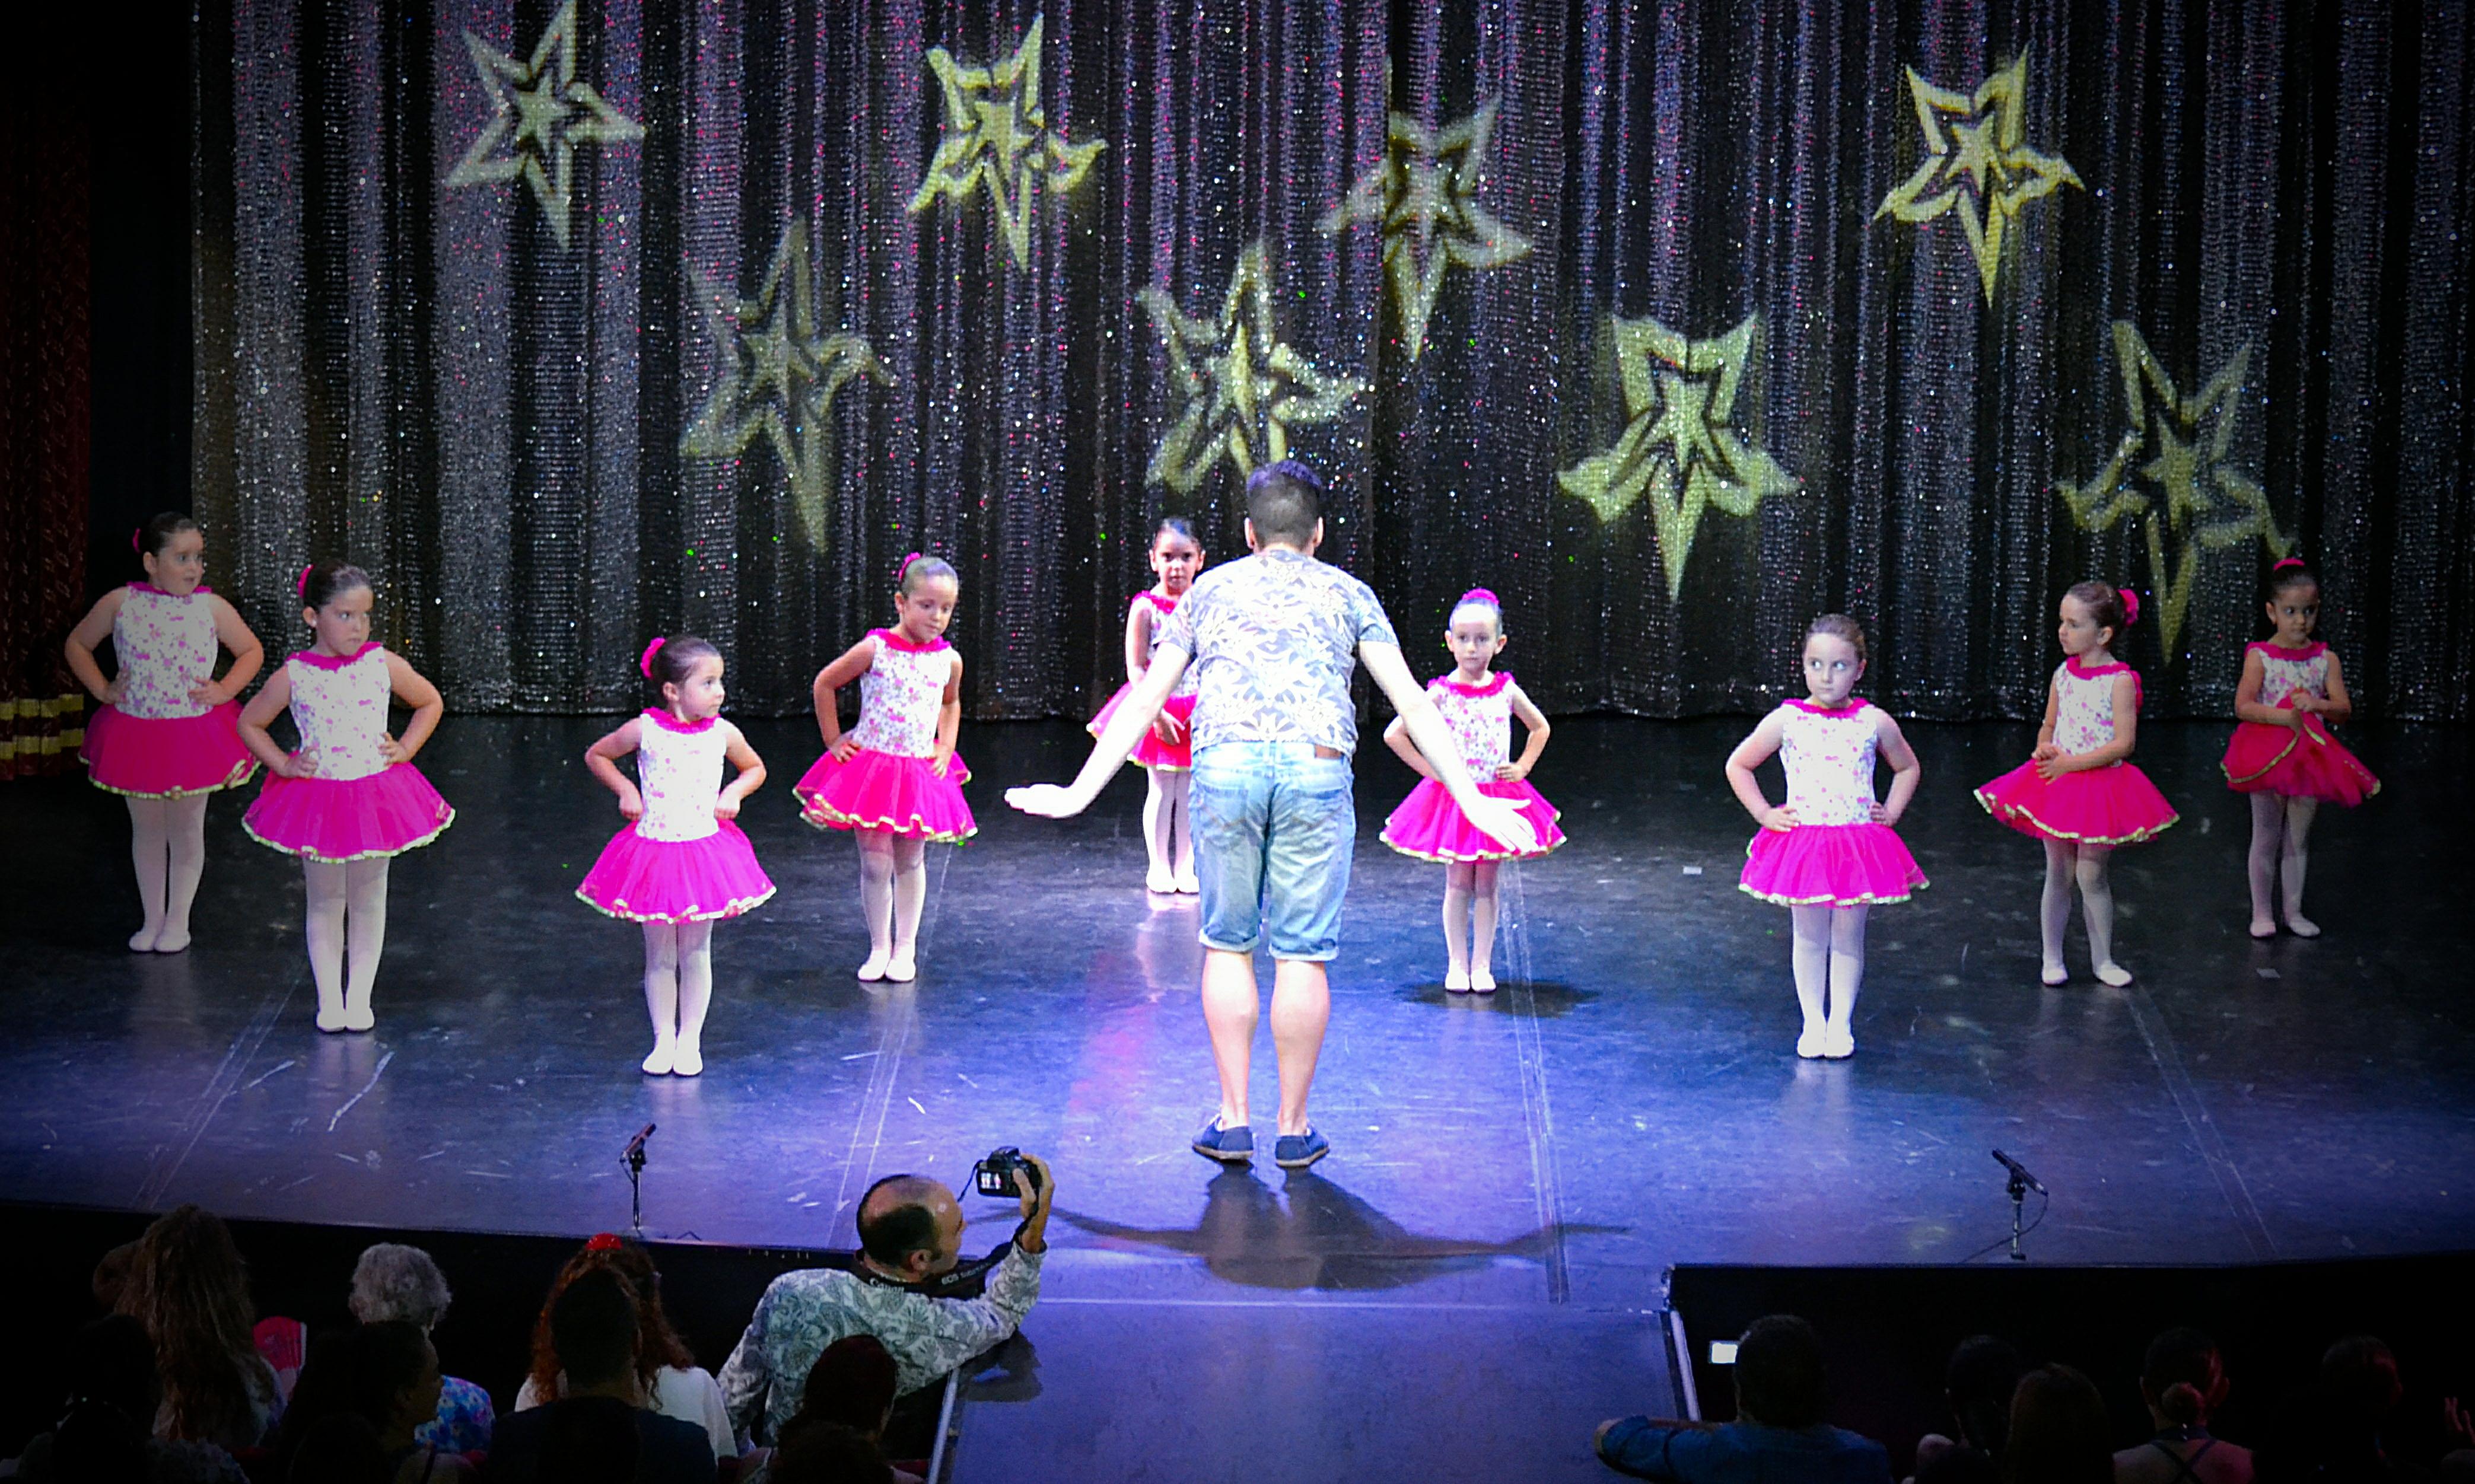 Linea-de-Baile-festival-verano-2015-clases-de-baile-valencia-130